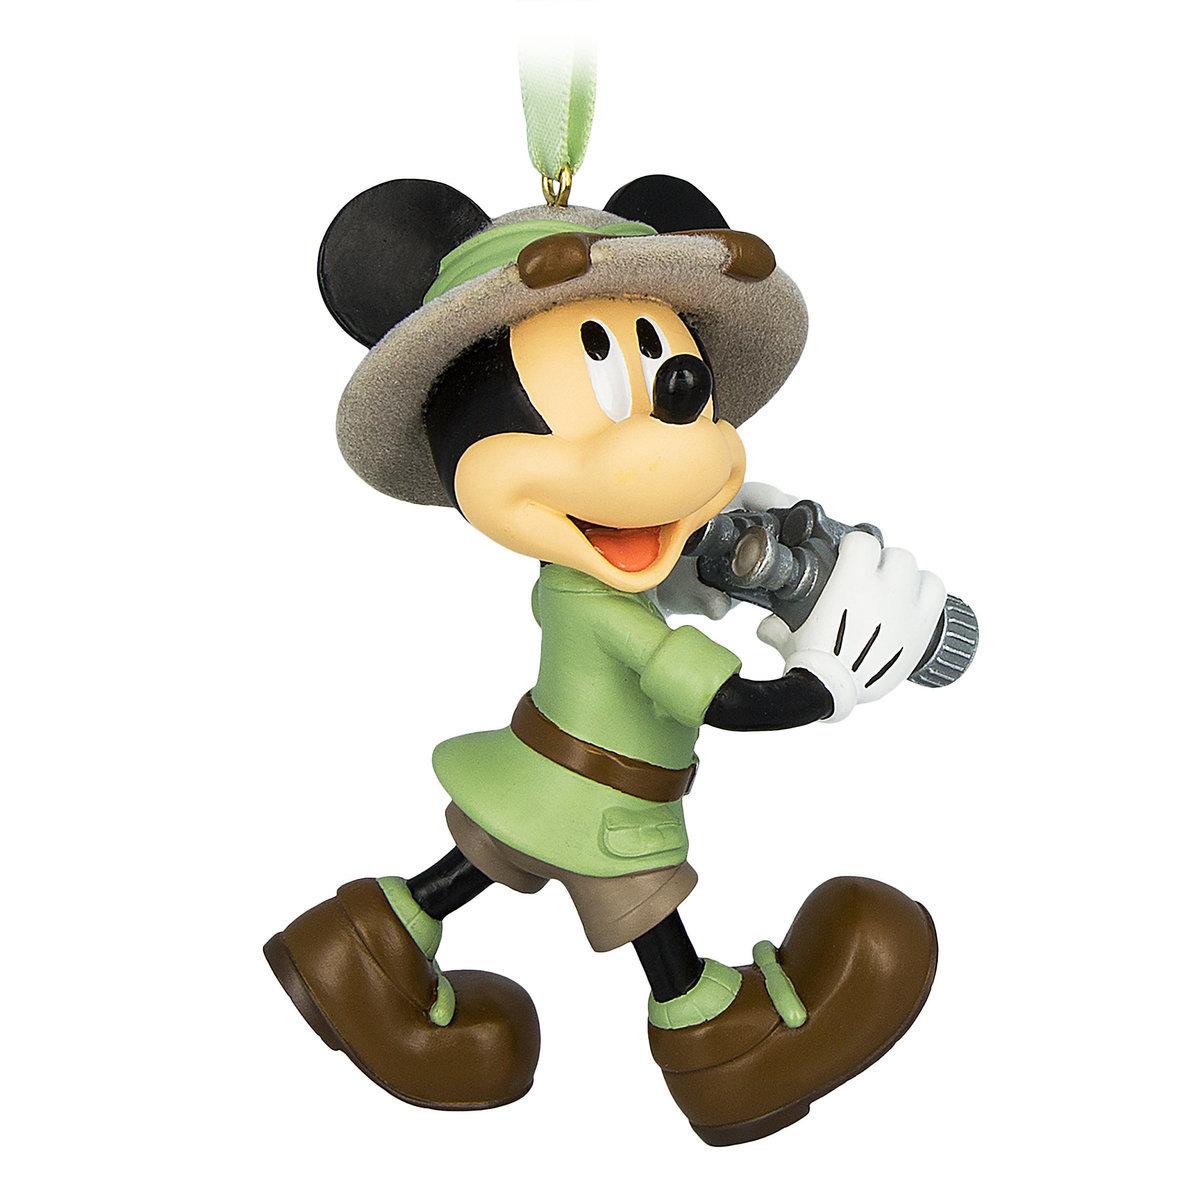 Disney Ornament - Safari Mickey Mouse